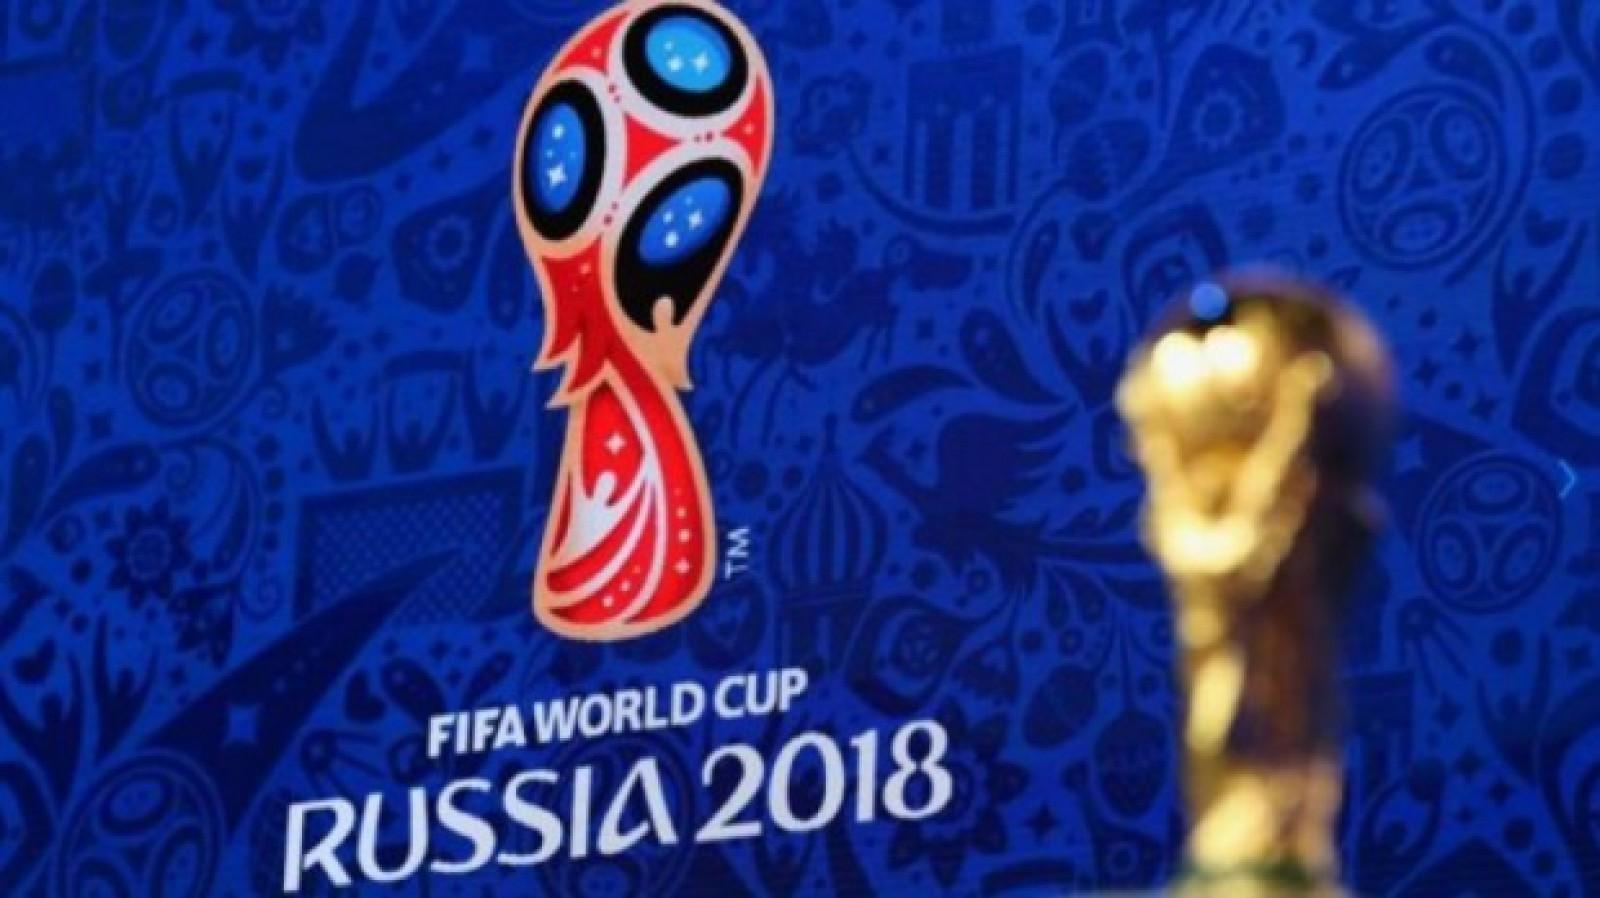 (foto) Liderii căror state vor fi prezente la deschiderea FIFA 2018: În mare parte, reprezentanții țărilor CSI